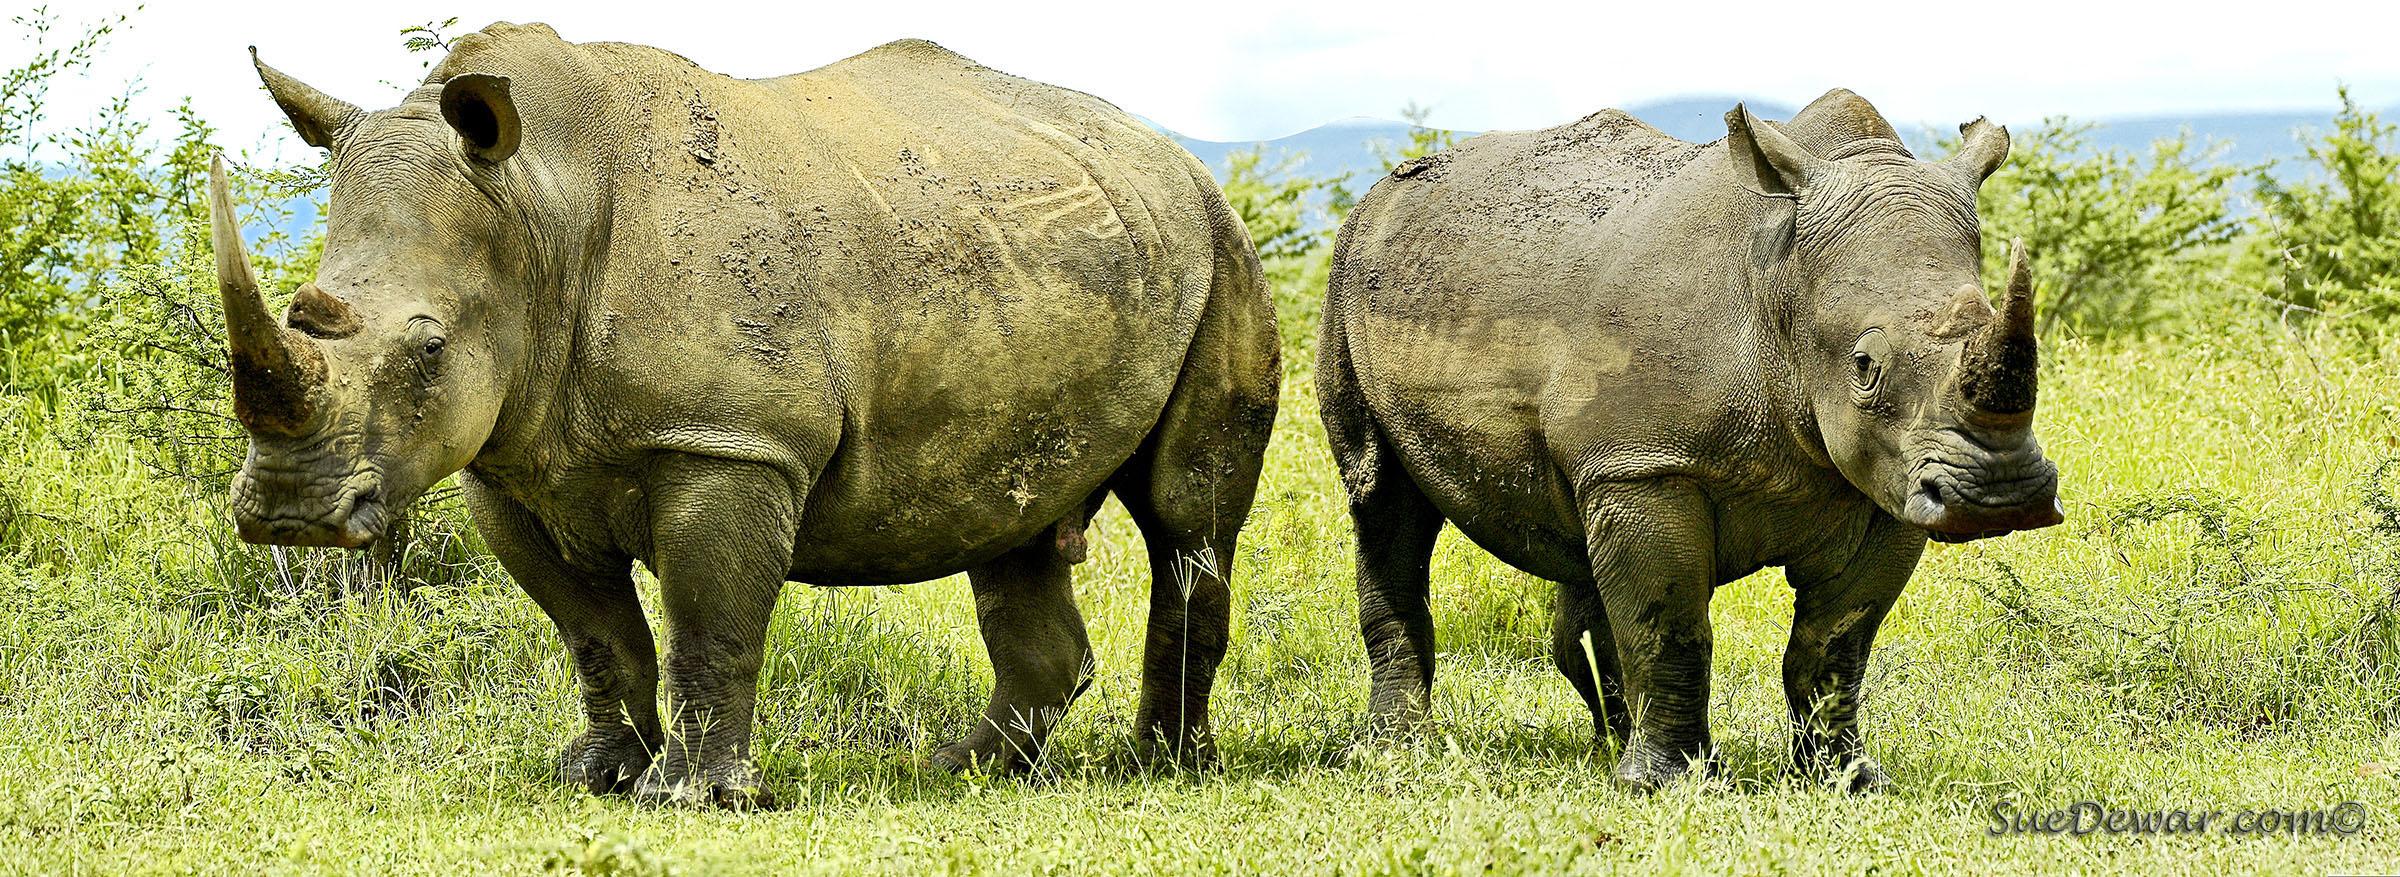 SueDewar_Rhino_Wildlife-web